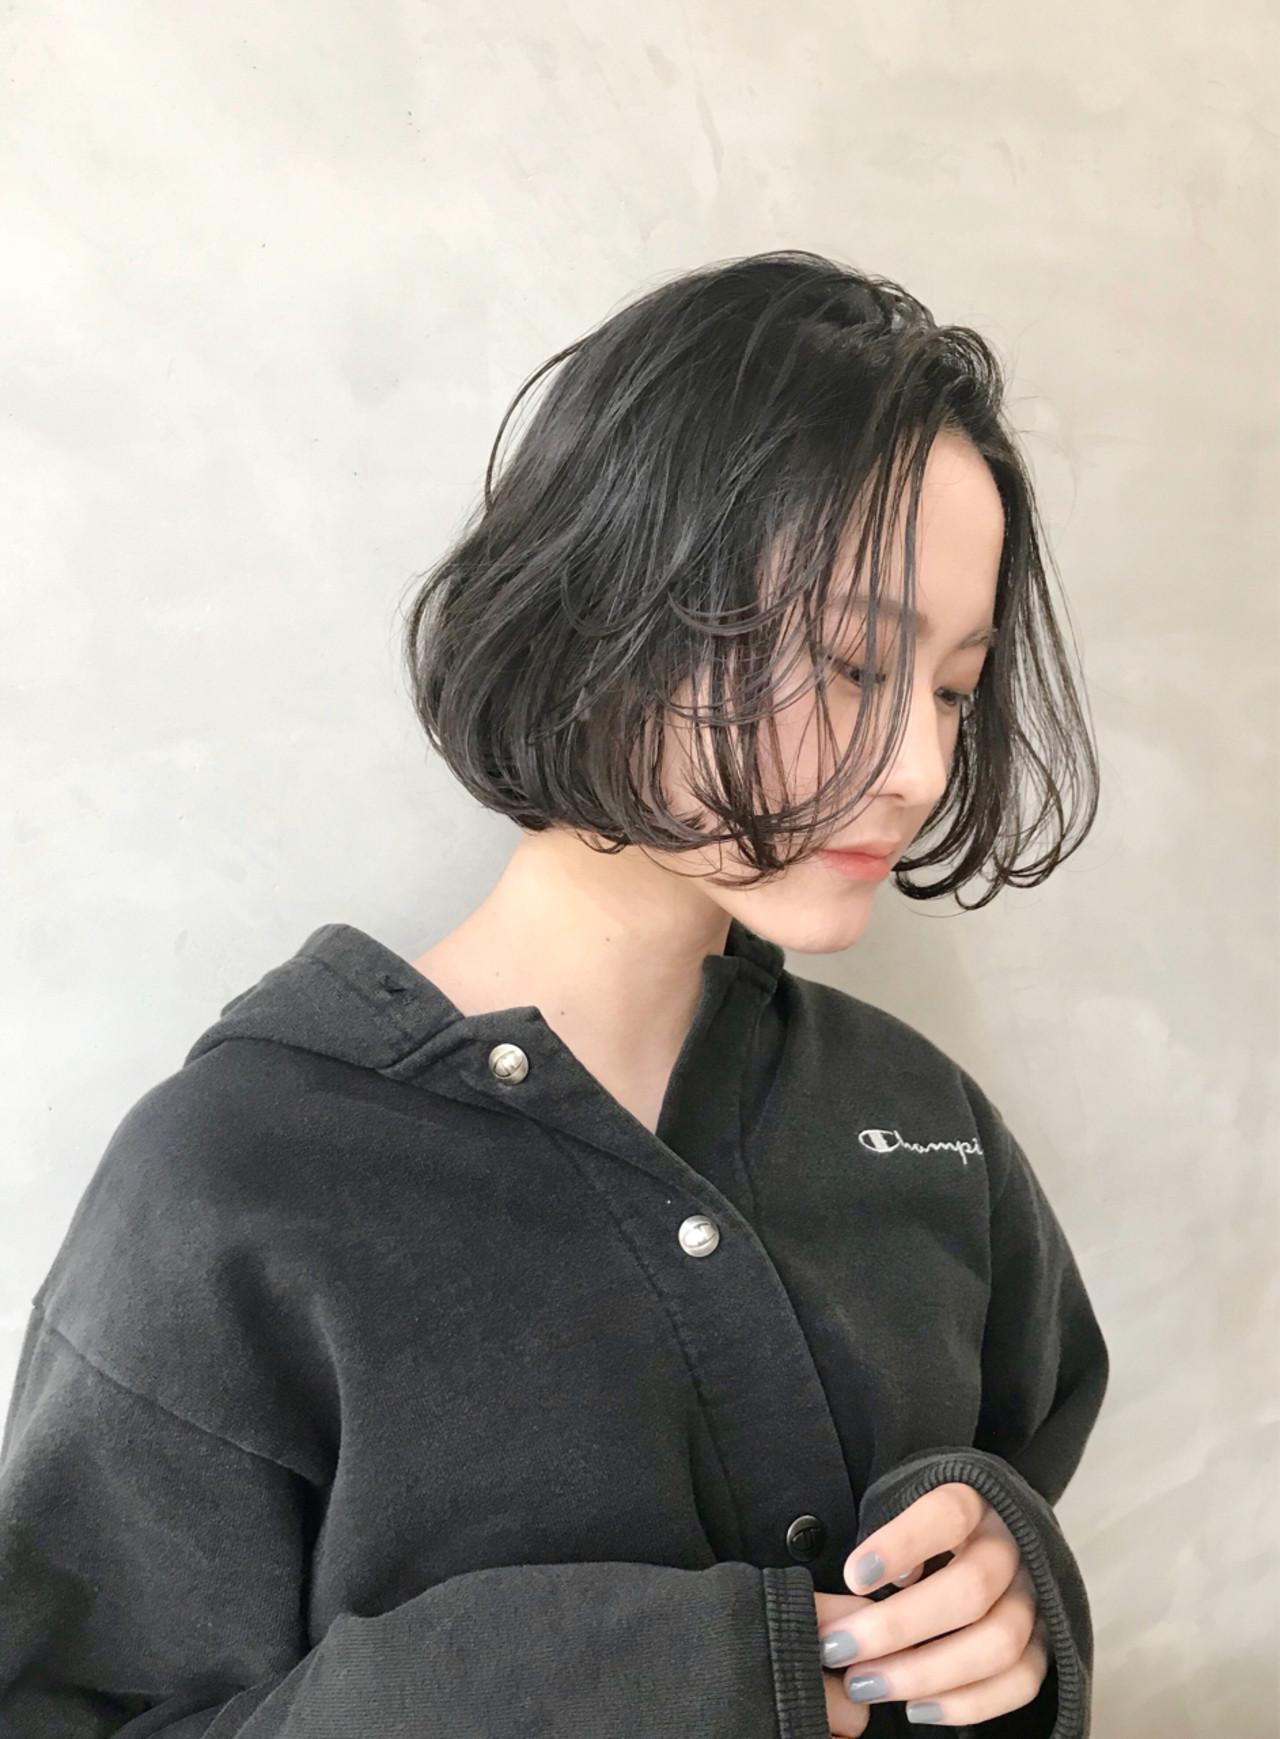 色気 前髪あり フェミニン 暗髪 ヘアスタイルや髪型の写真・画像